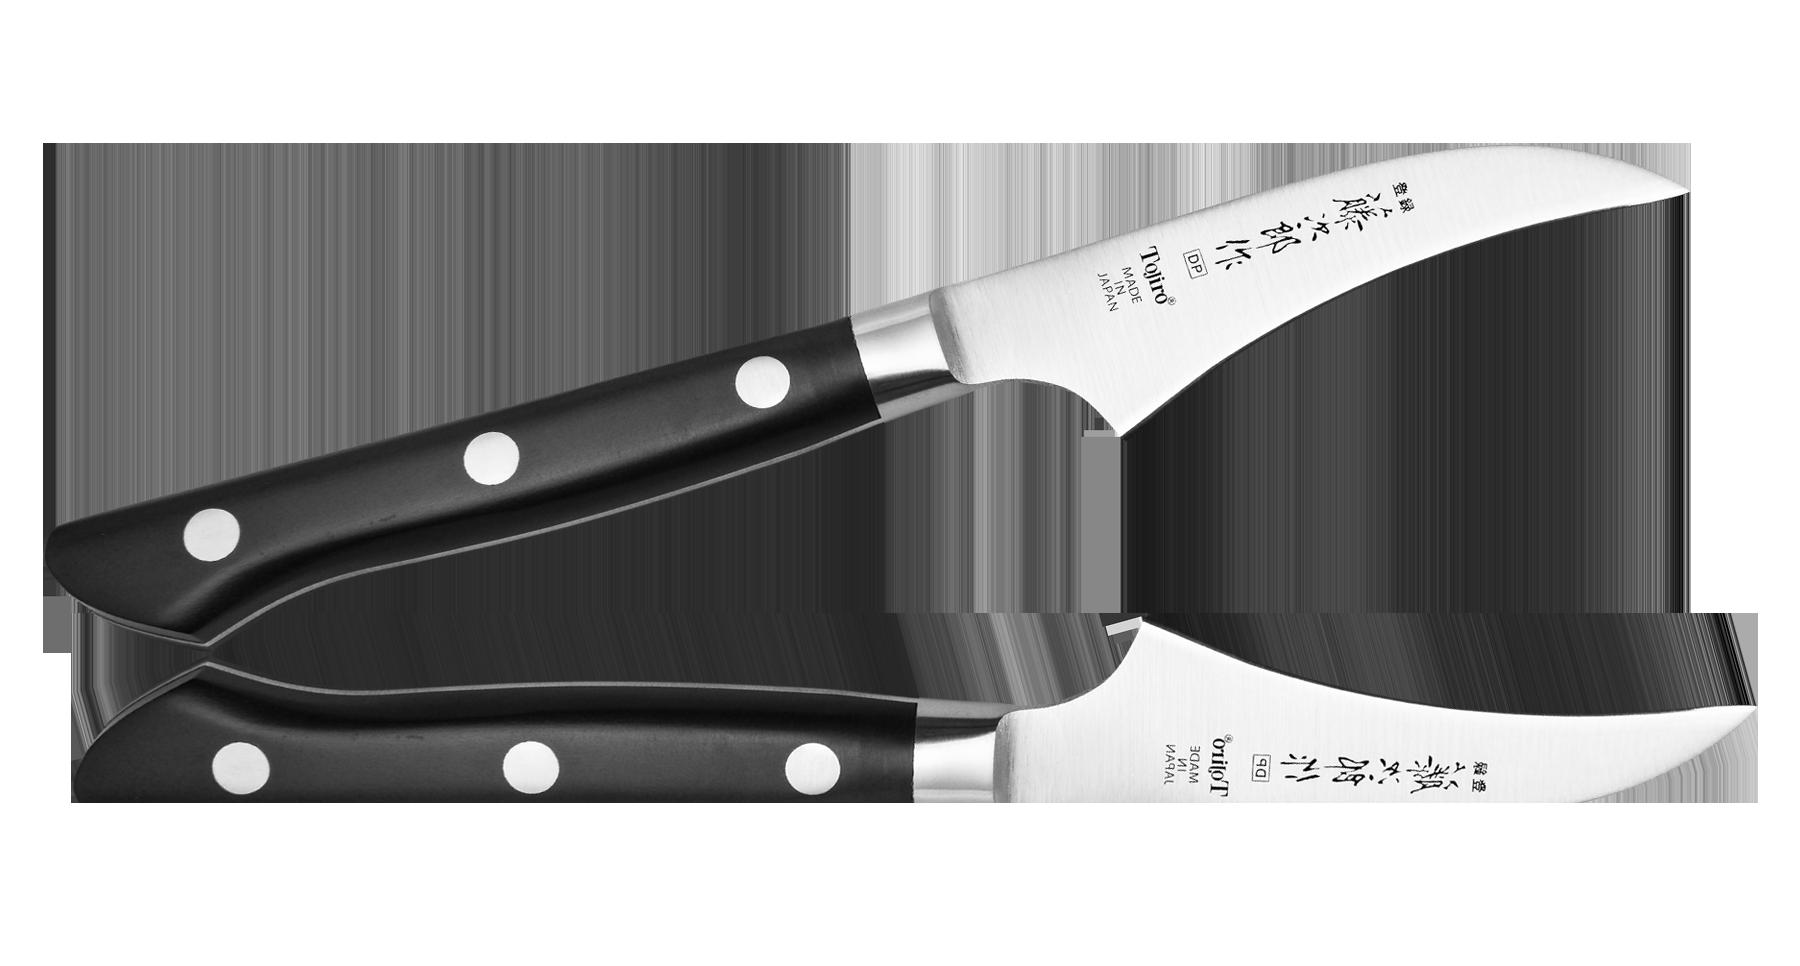 Нож для чистки овощей Western Knife Tojiro, 70 мм, сталь VG-10 нож для чистки овощей senkou classic 70 мм сталь vg 10 tojiro